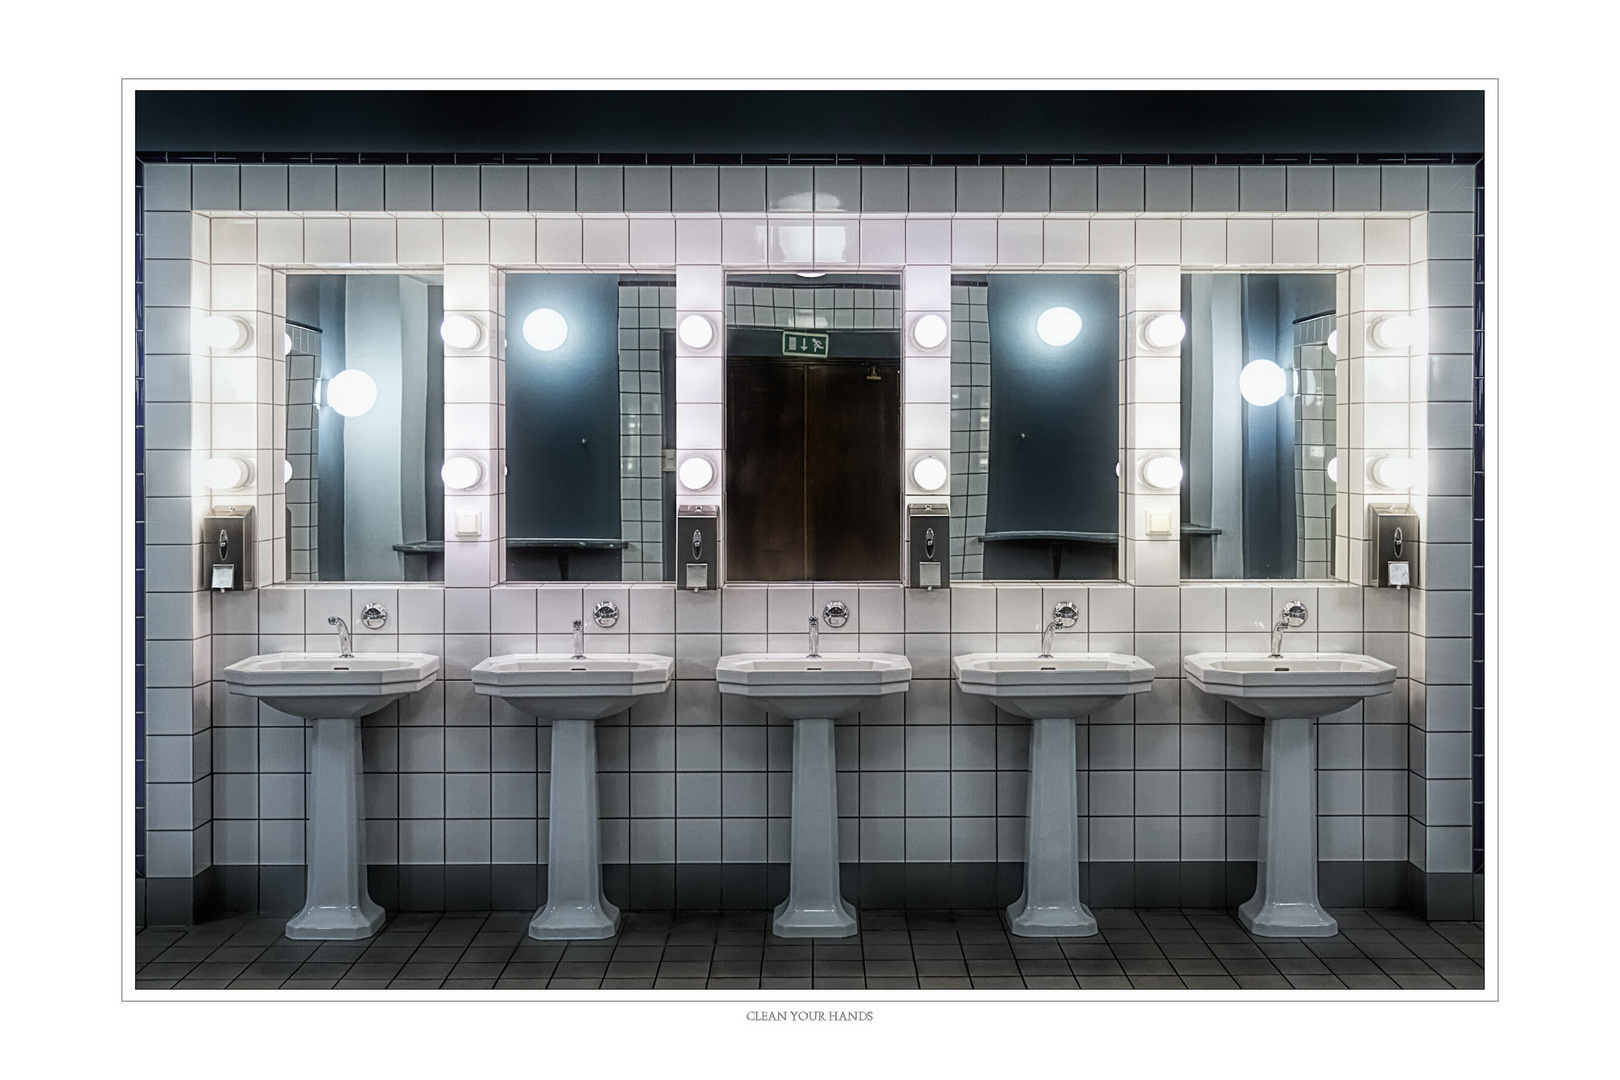 Hände Waschen Foto Bild Spiegel Toilette Waschbecken Bilder